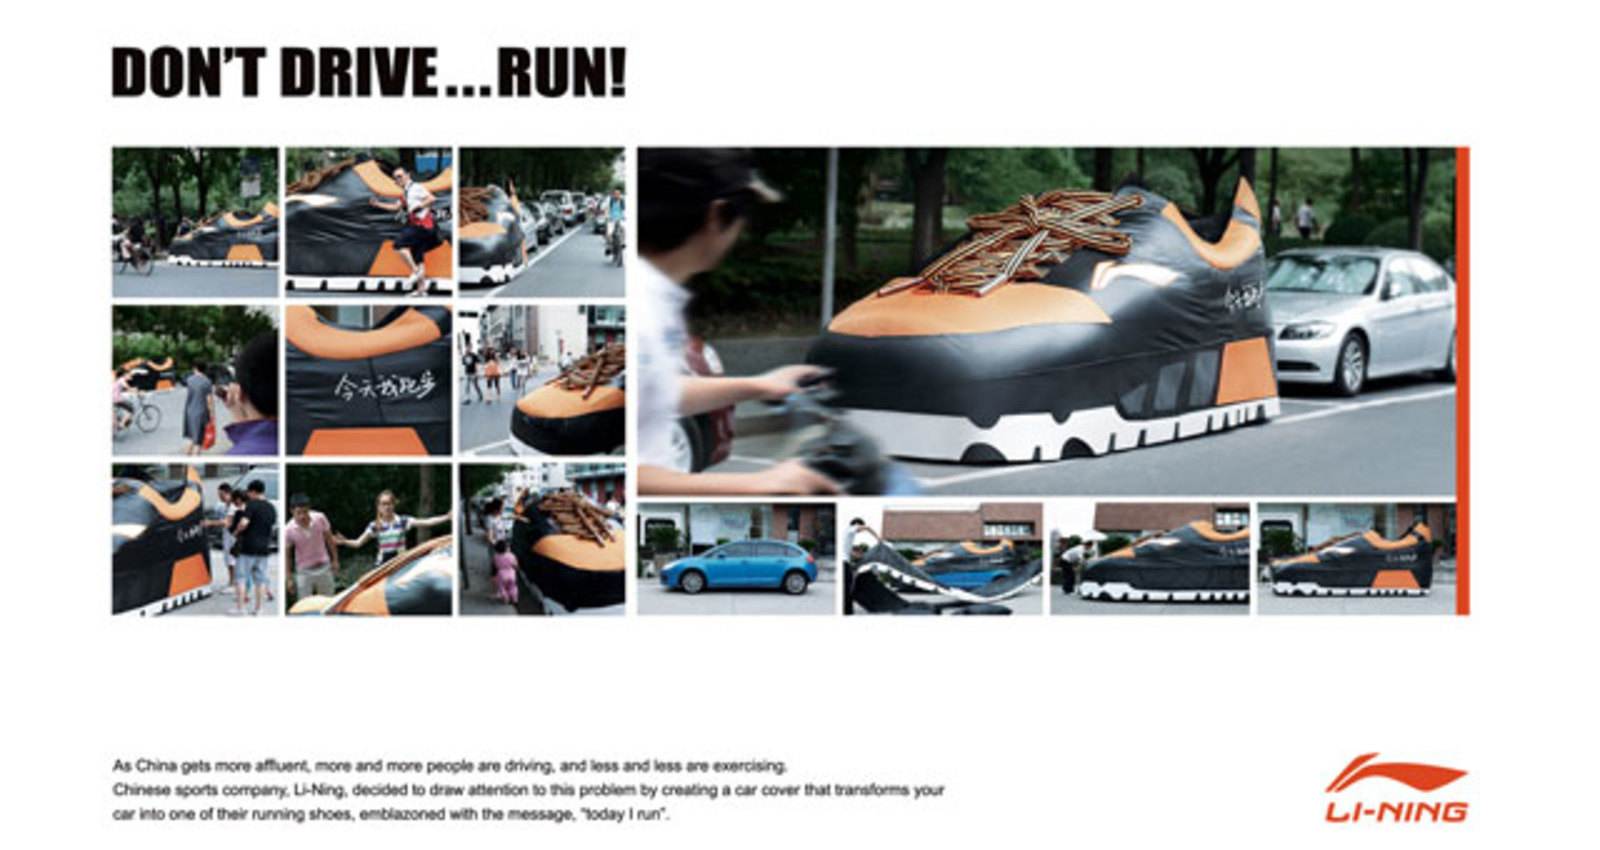 Don't Drive...Run